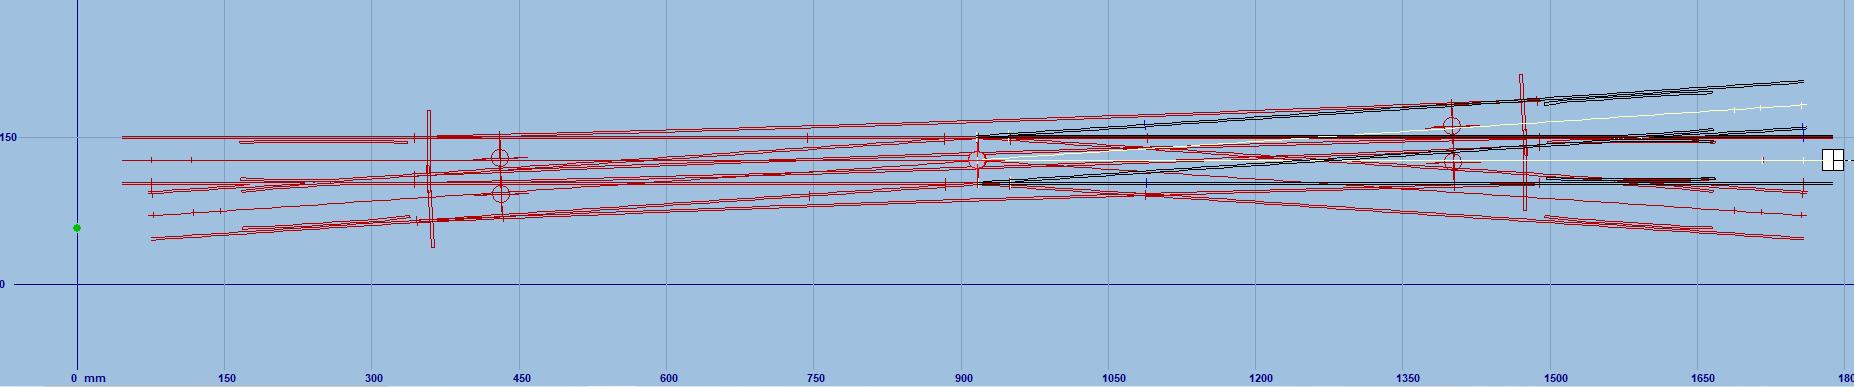 Schermafbeelding 2021-05-04 093609.png